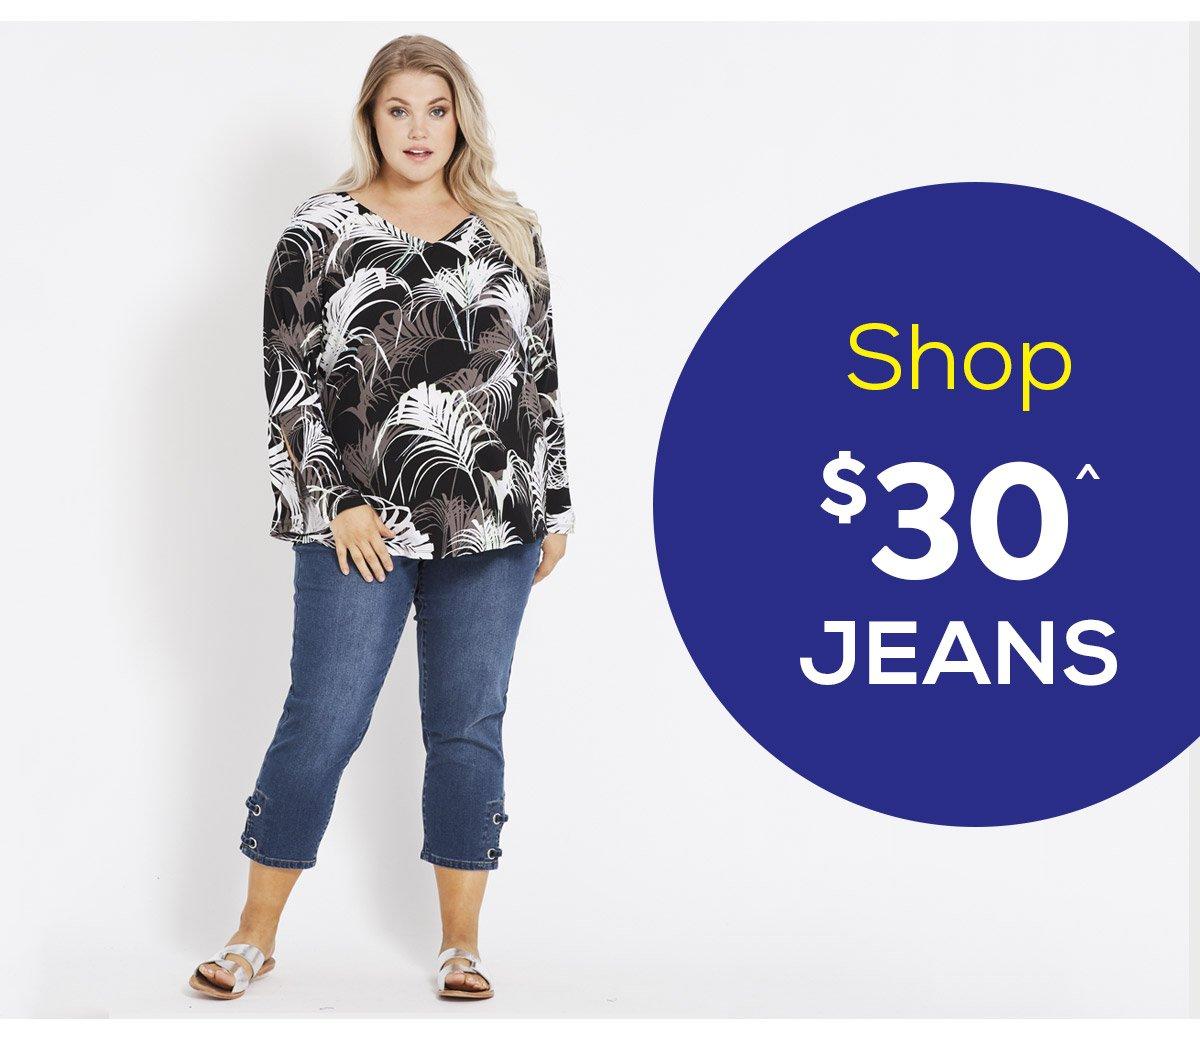 Shop | Jeans